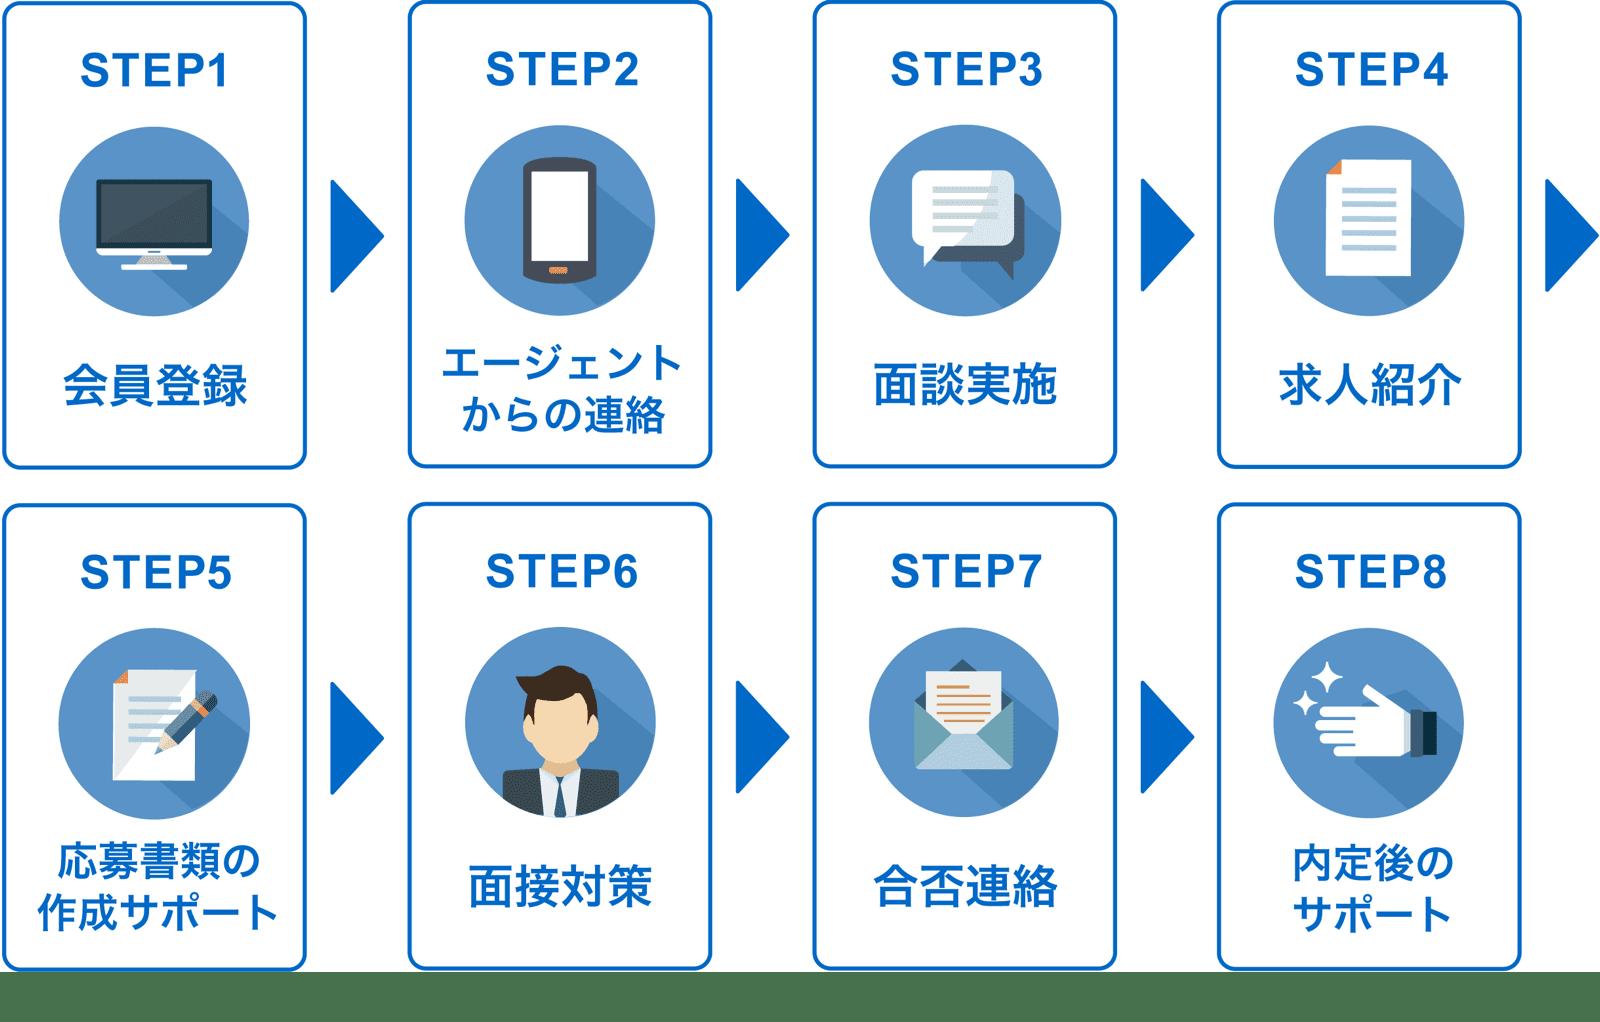 転職エージェントの使い方の流れ。1. 会員登録、2.エージェントからの連絡、3.面談実施、4.求人紹介、5.応募書類の作成サポート、6.面接対策、7.合否連絡、8.内定後のサポート。